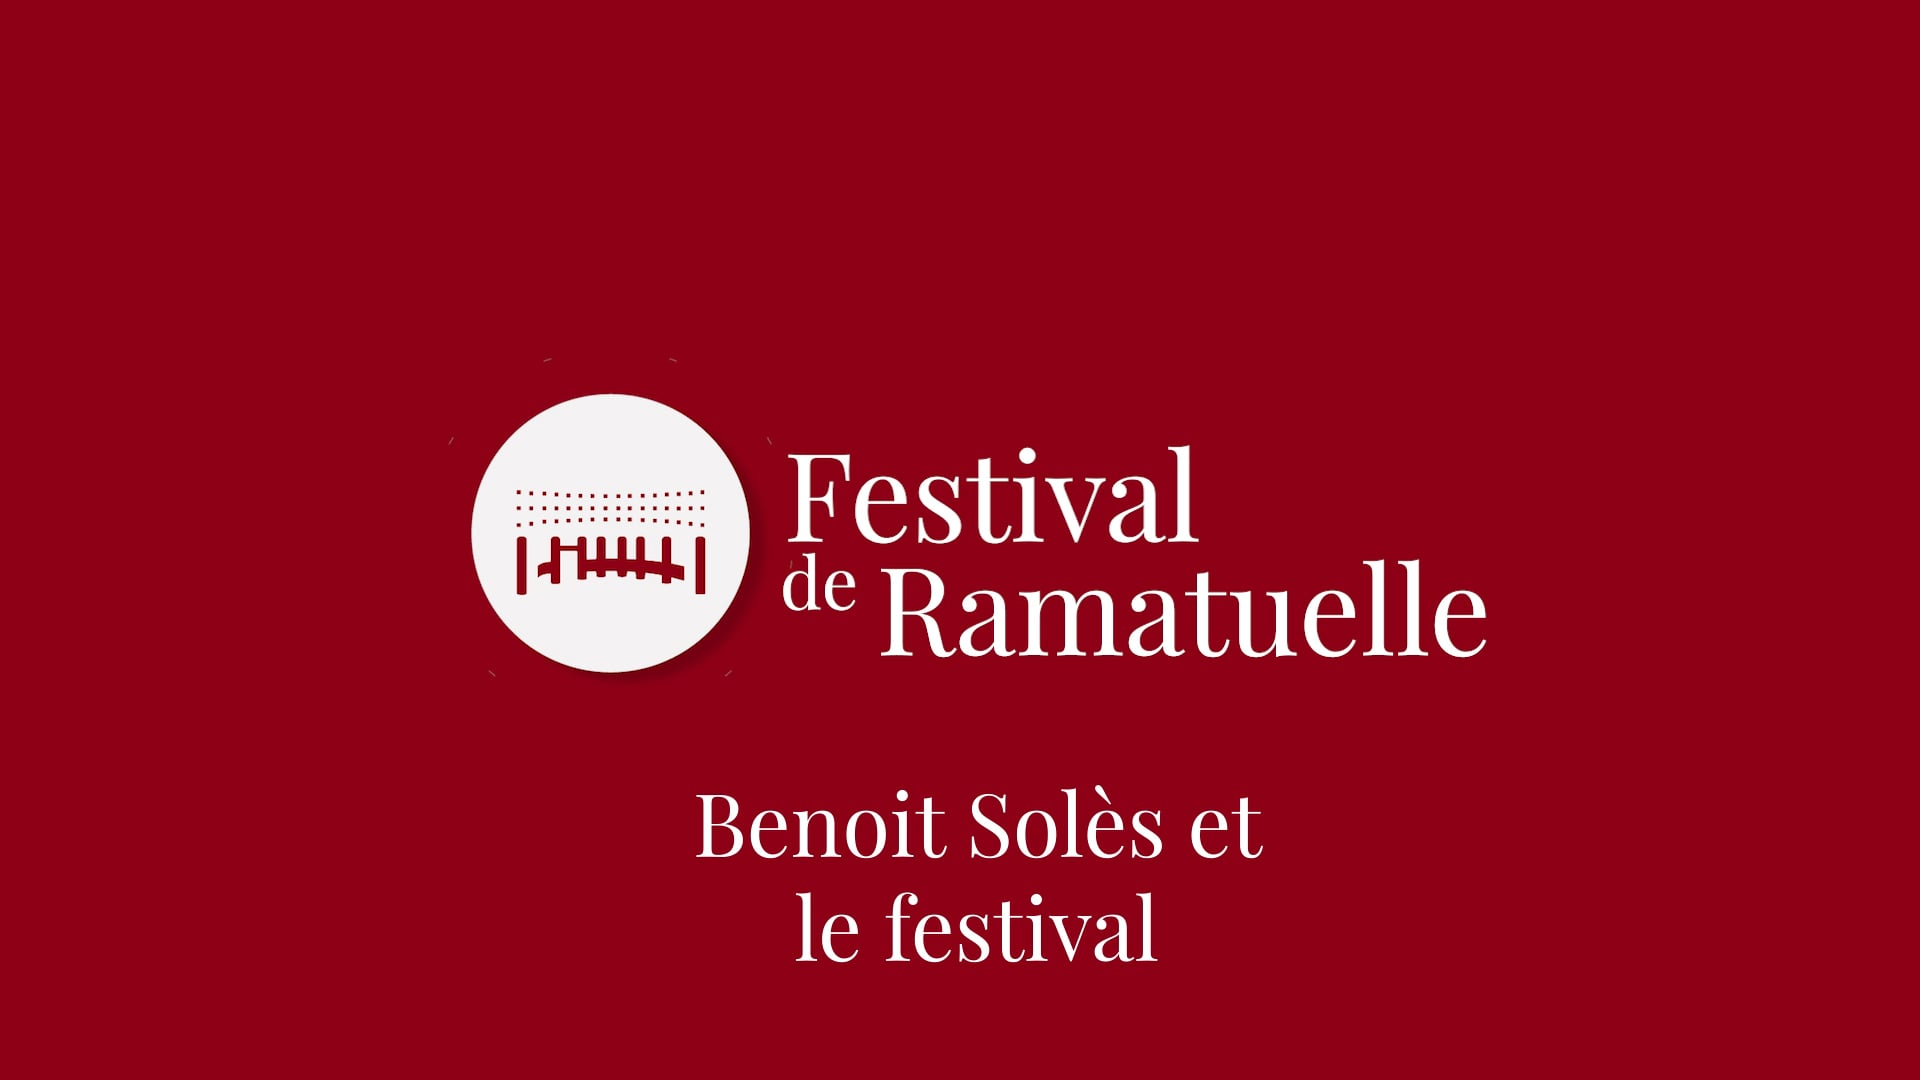 ITV_BENOIT SOLES_RAMATUELLE 16-9